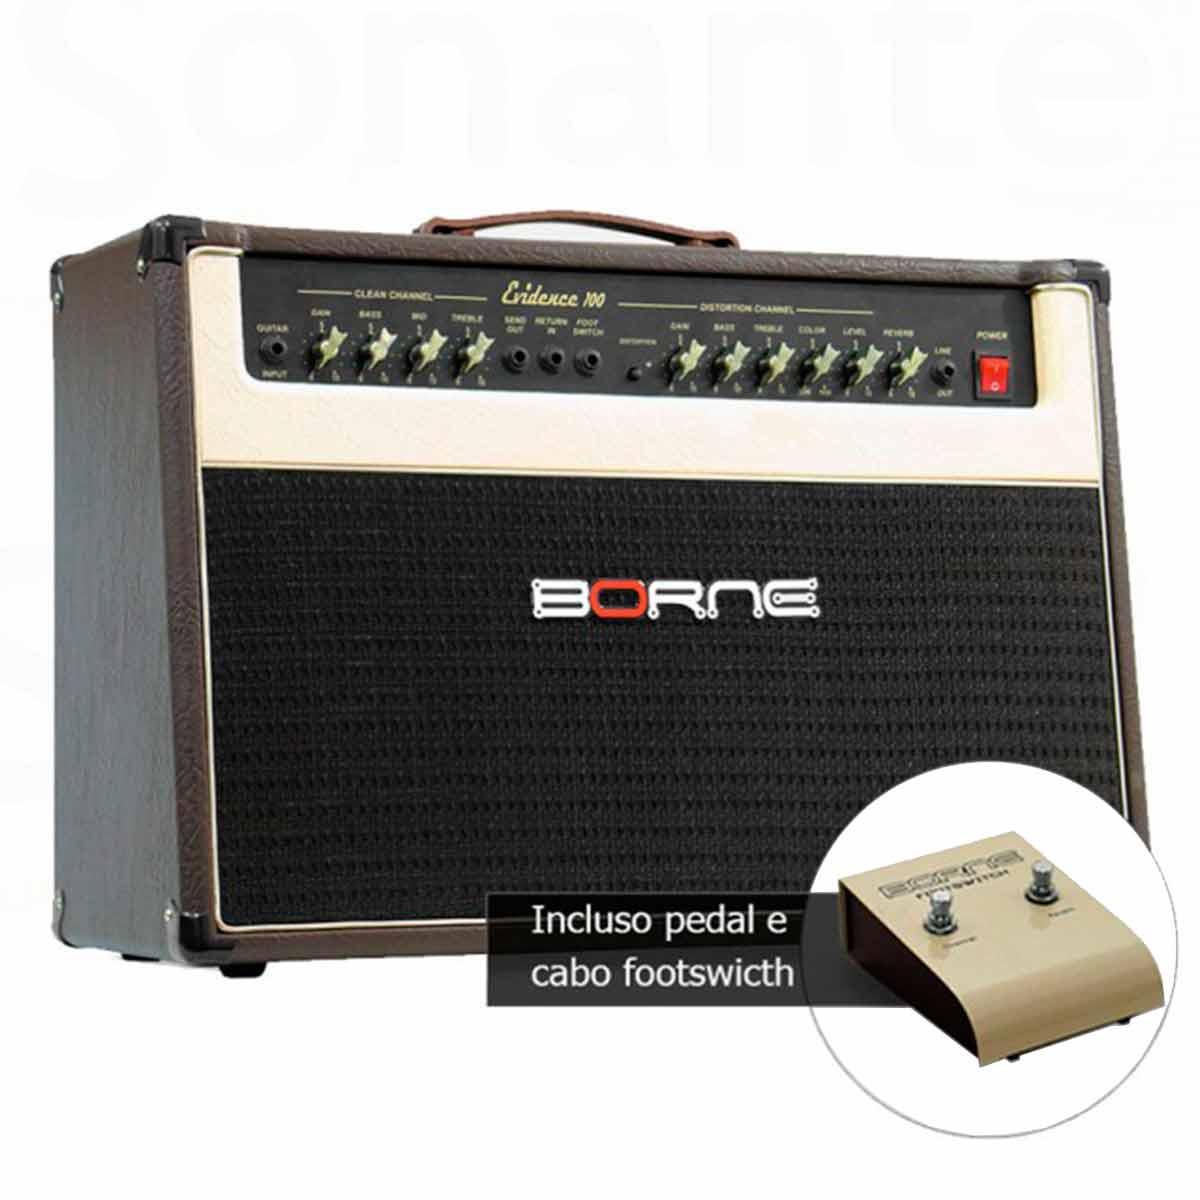 Evidence200 - Amplificador Combo p/ Guitarra 150W Evidence 200 Marrom - Borne